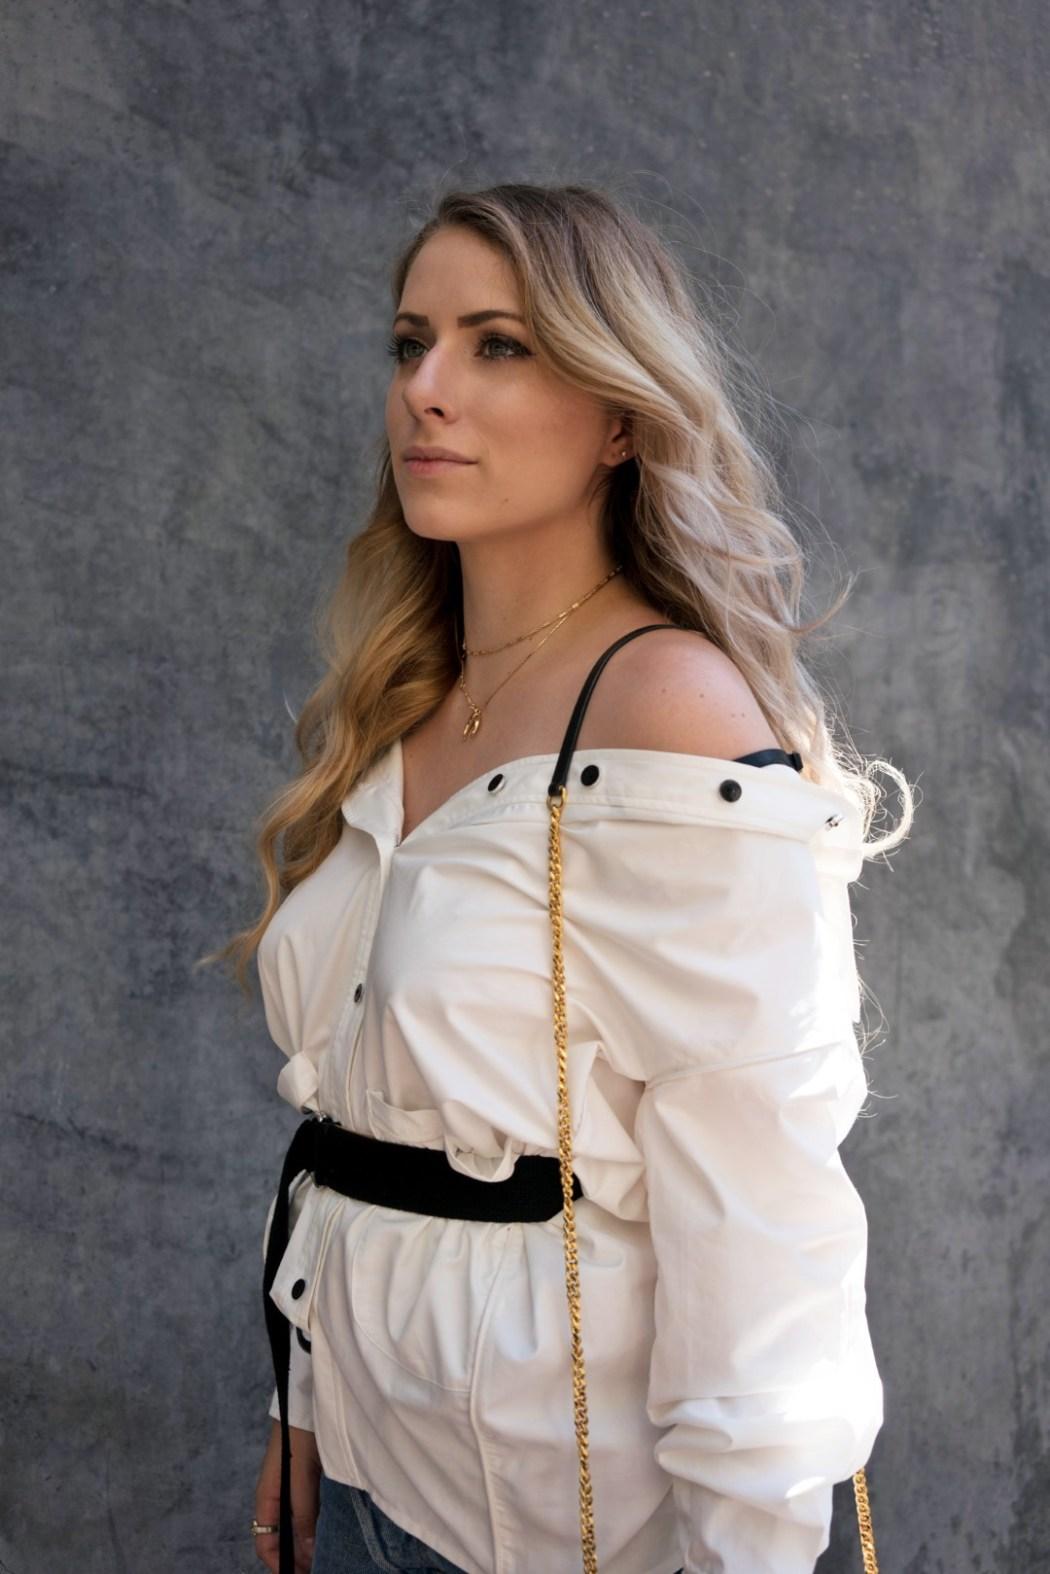 Mel wears Lucid Label's Off-Shoulder Boyfriend Shirt in Ivory.